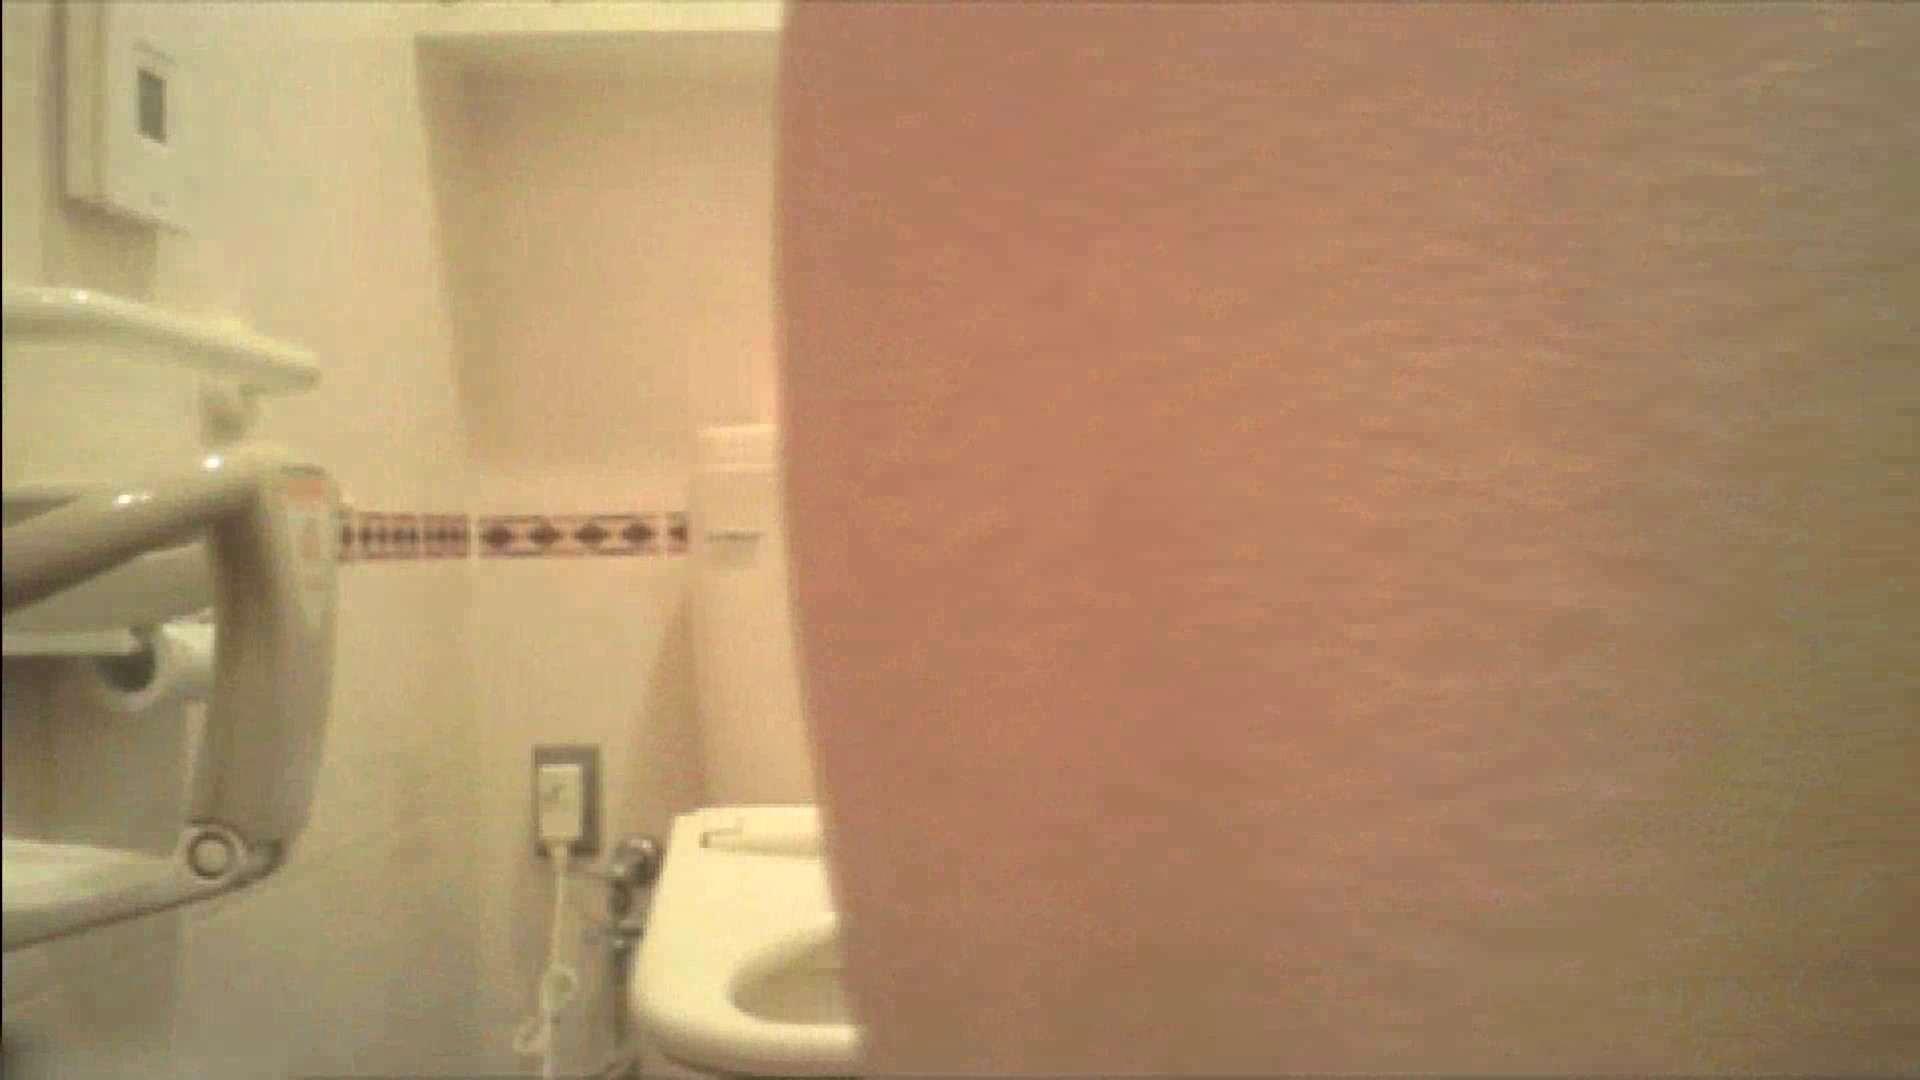 実録!!綺麗なお姉さんのトイレ事情・・・。vol.18 トイレ突入 オメコ無修正動画無料 74pic 55